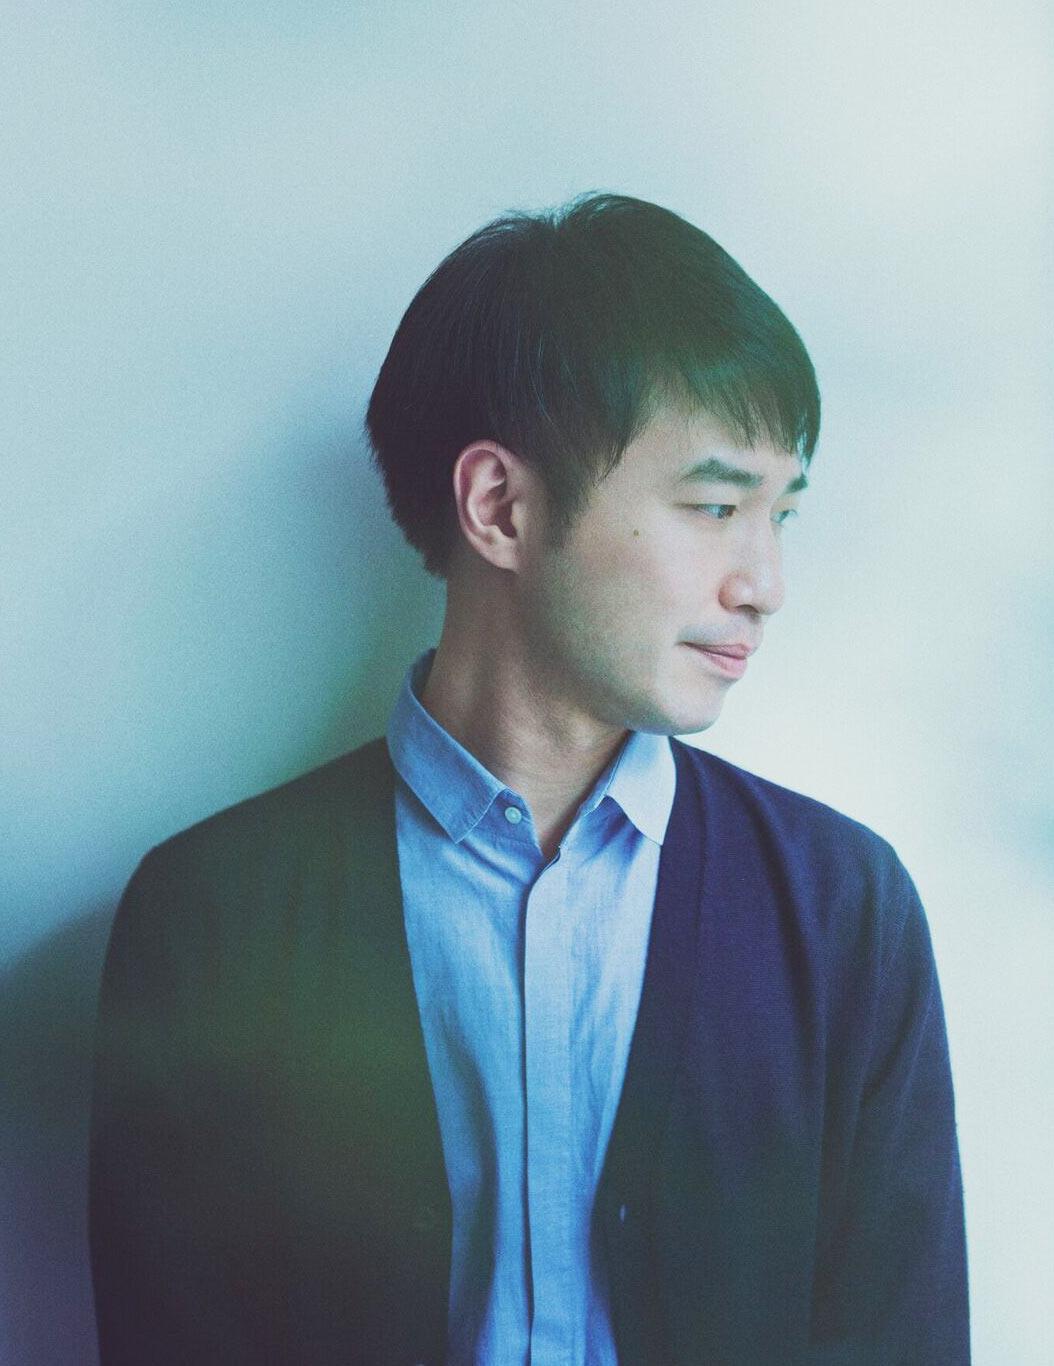 Kenichiro Nishiharaの画像